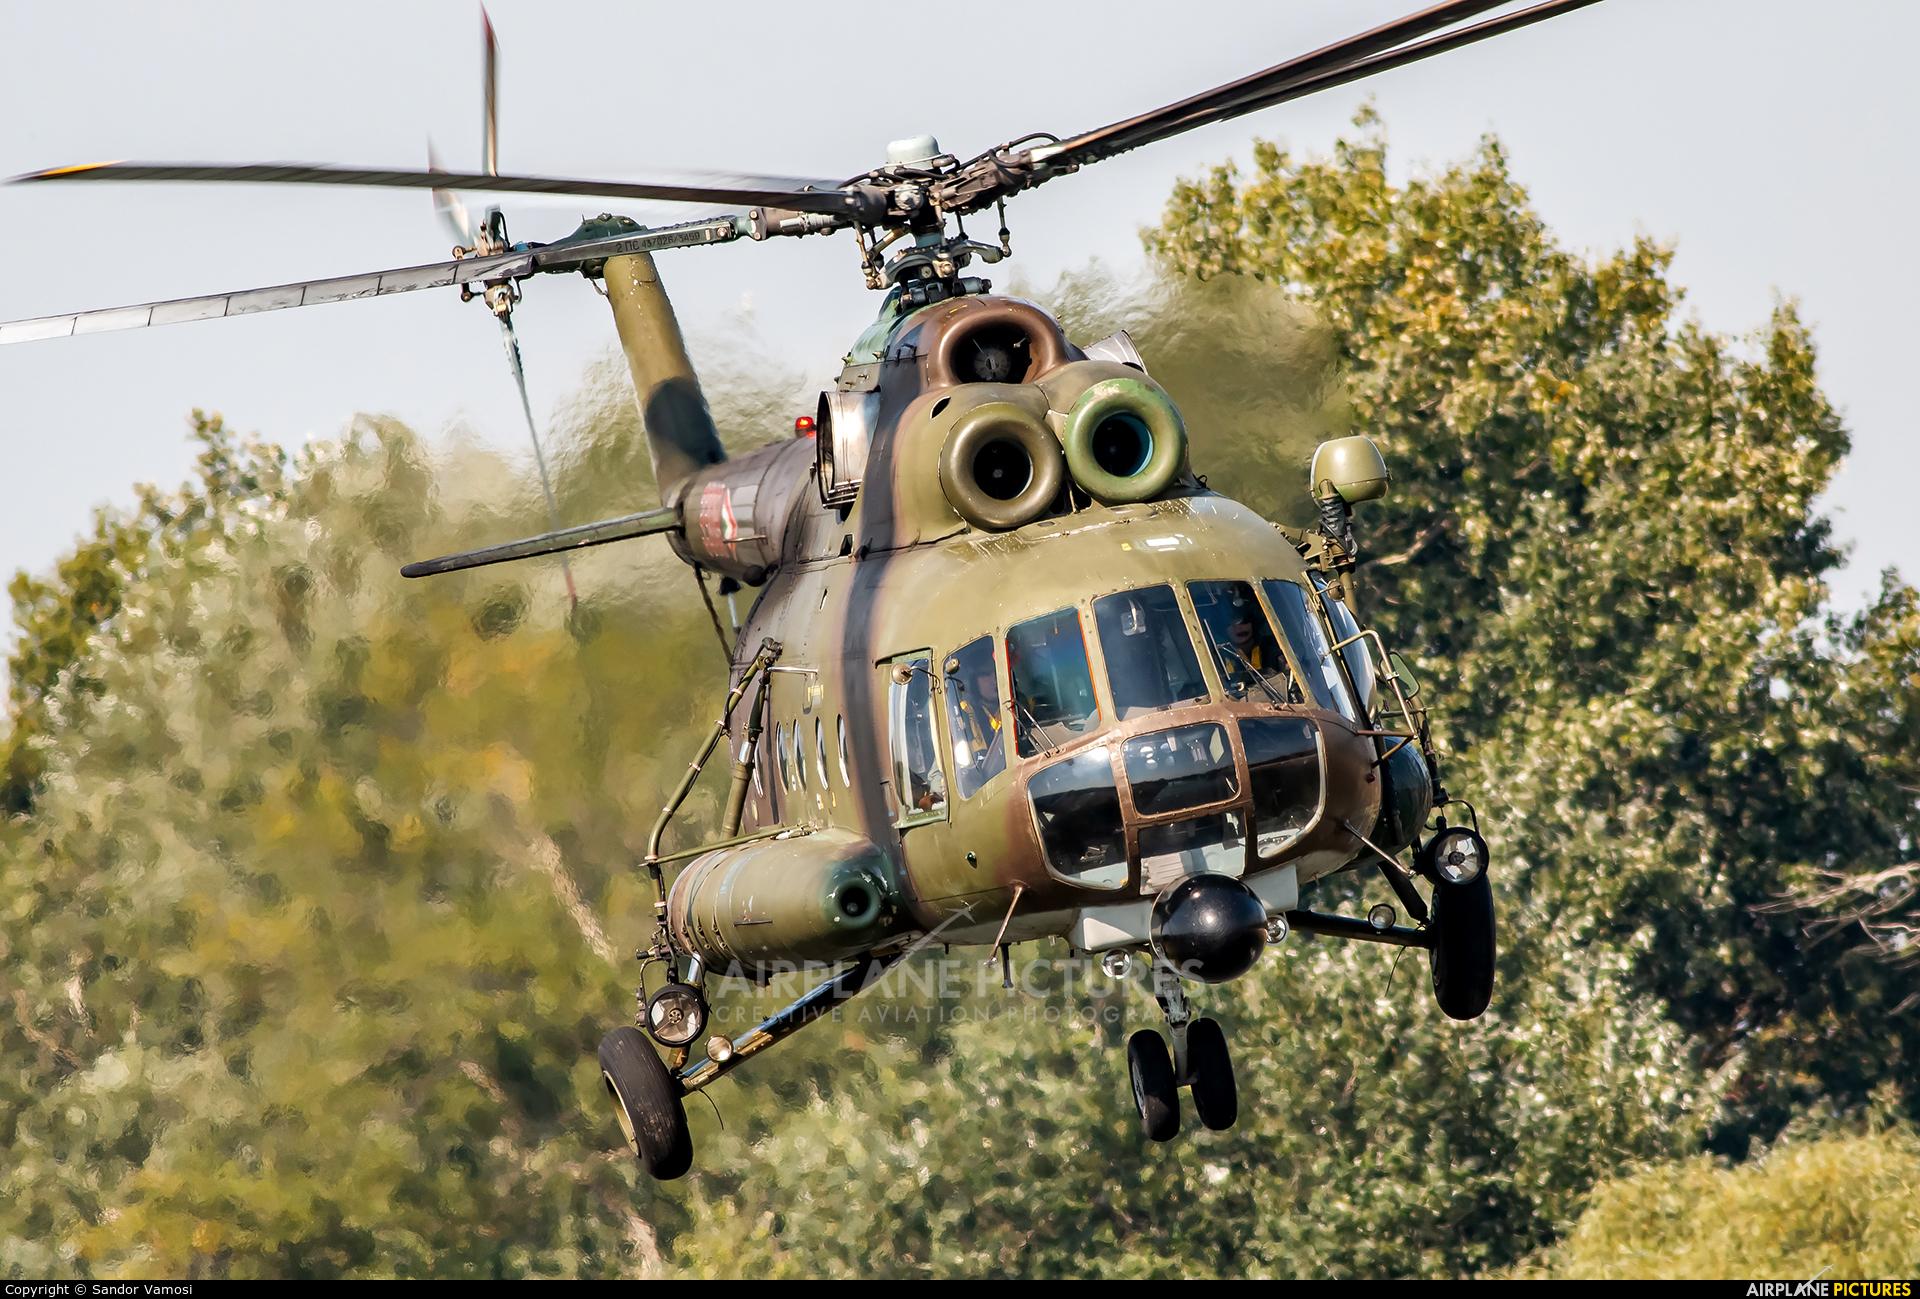 Hungary - Air Force 3309 aircraft at Off Airport - Hungary